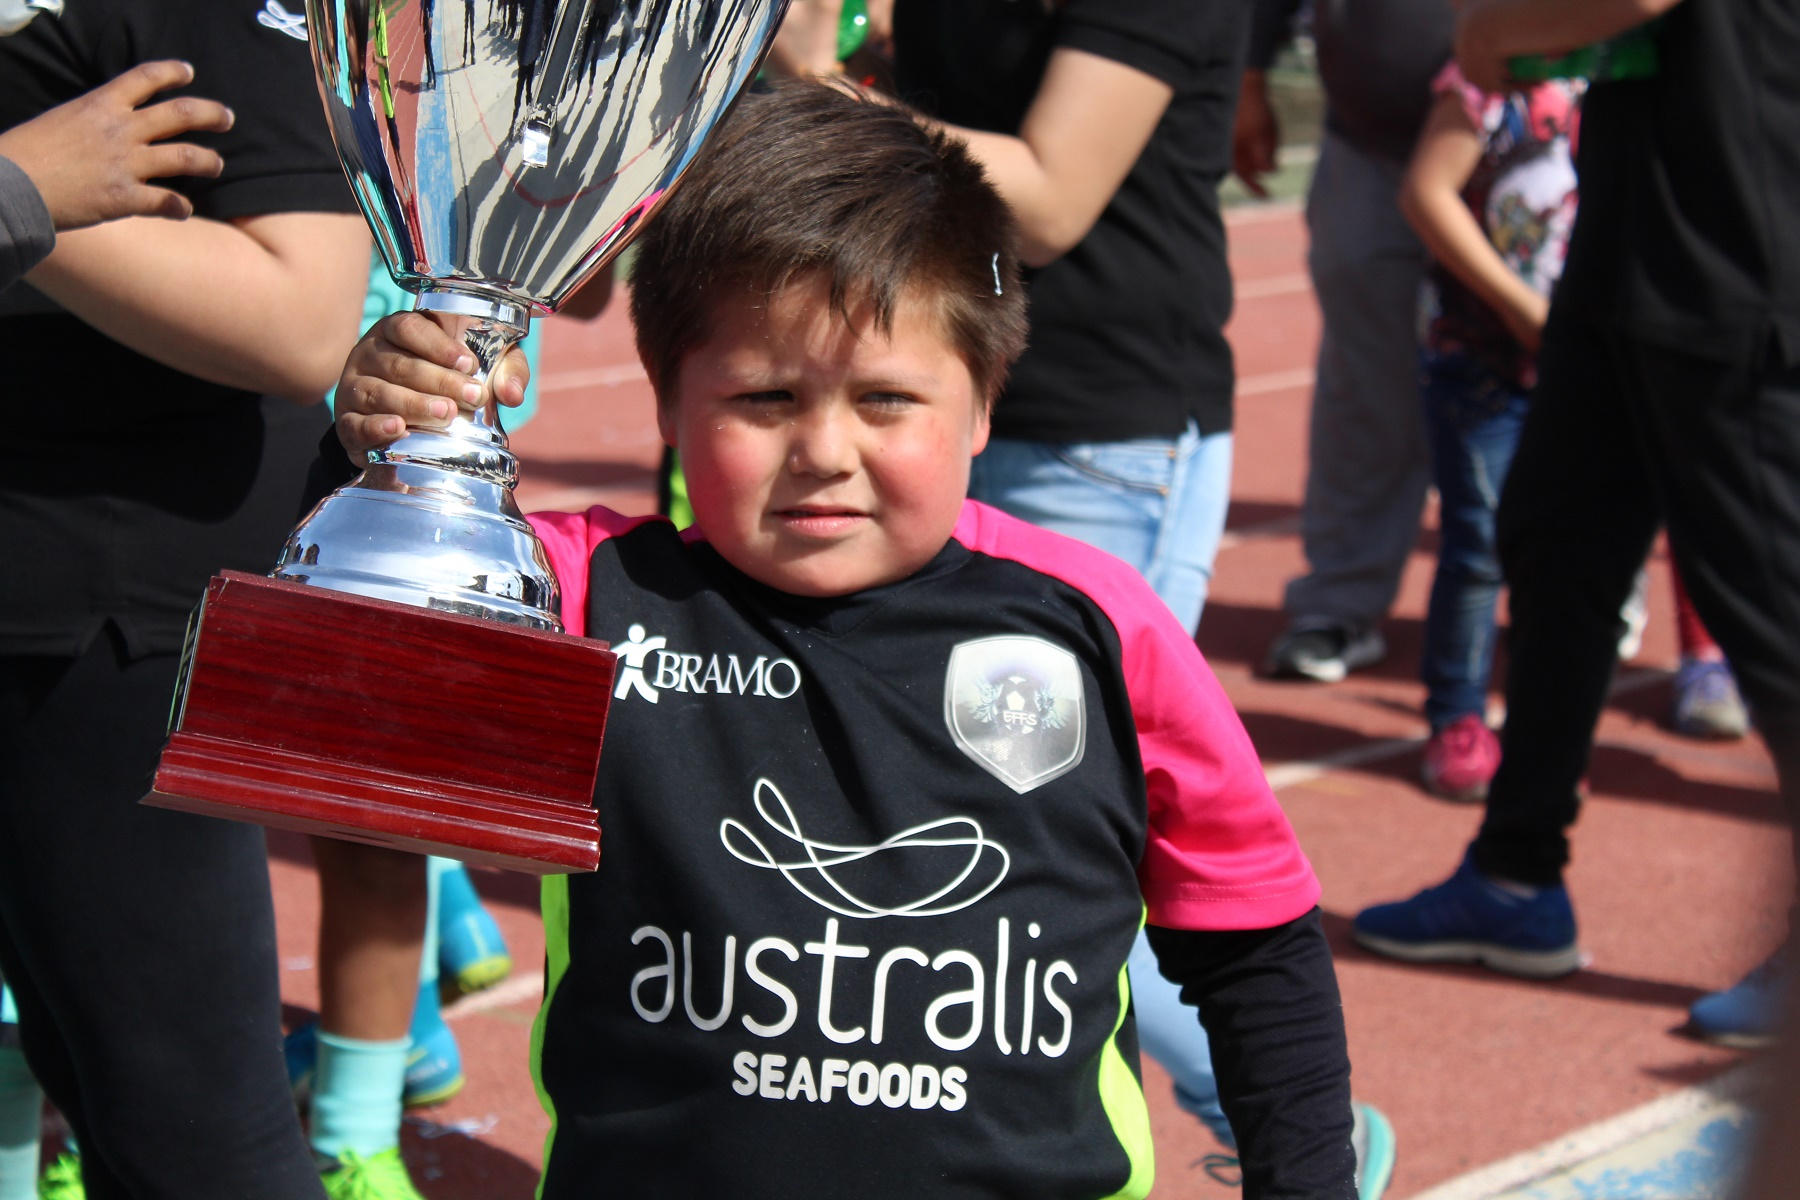 Comercio de Ushuaia se llevó las copas del campeonato de Australis Seafoods